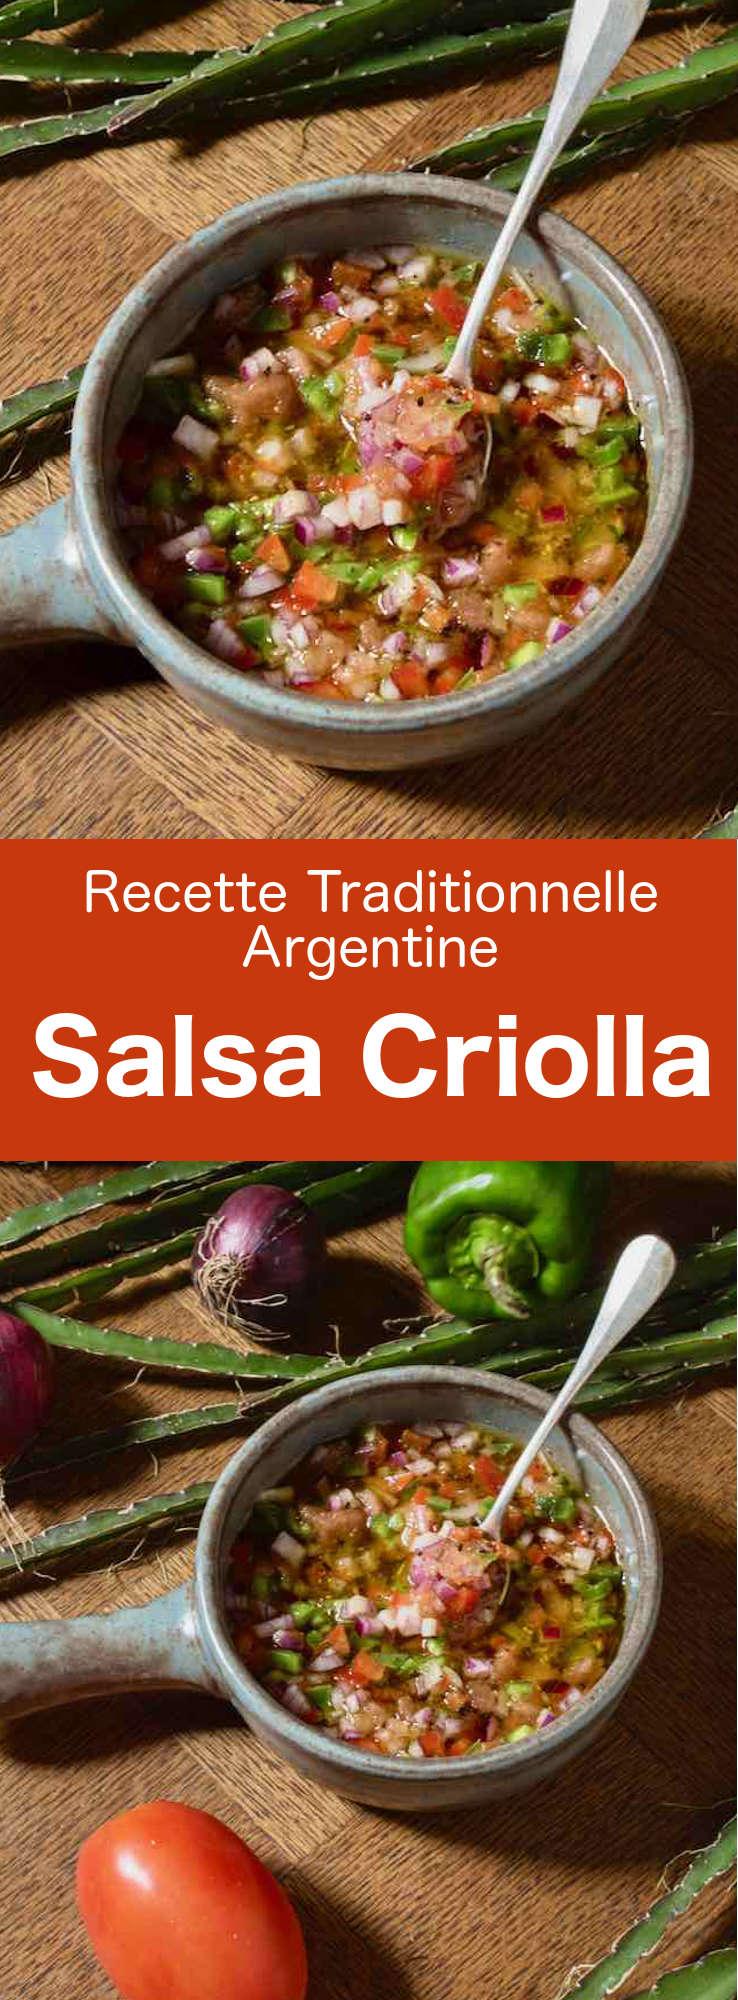 La salsa criolla ou sarza criolla est une sauce sud-américaine à base d'oignon, de tomate, de poivron, de vinaigre et d'huile d'olive généralement utilisée pour accompagner les viandes. #Argentine #CuisineArgentine #RecetteArgentine #CuisineDuMonde #196flavors